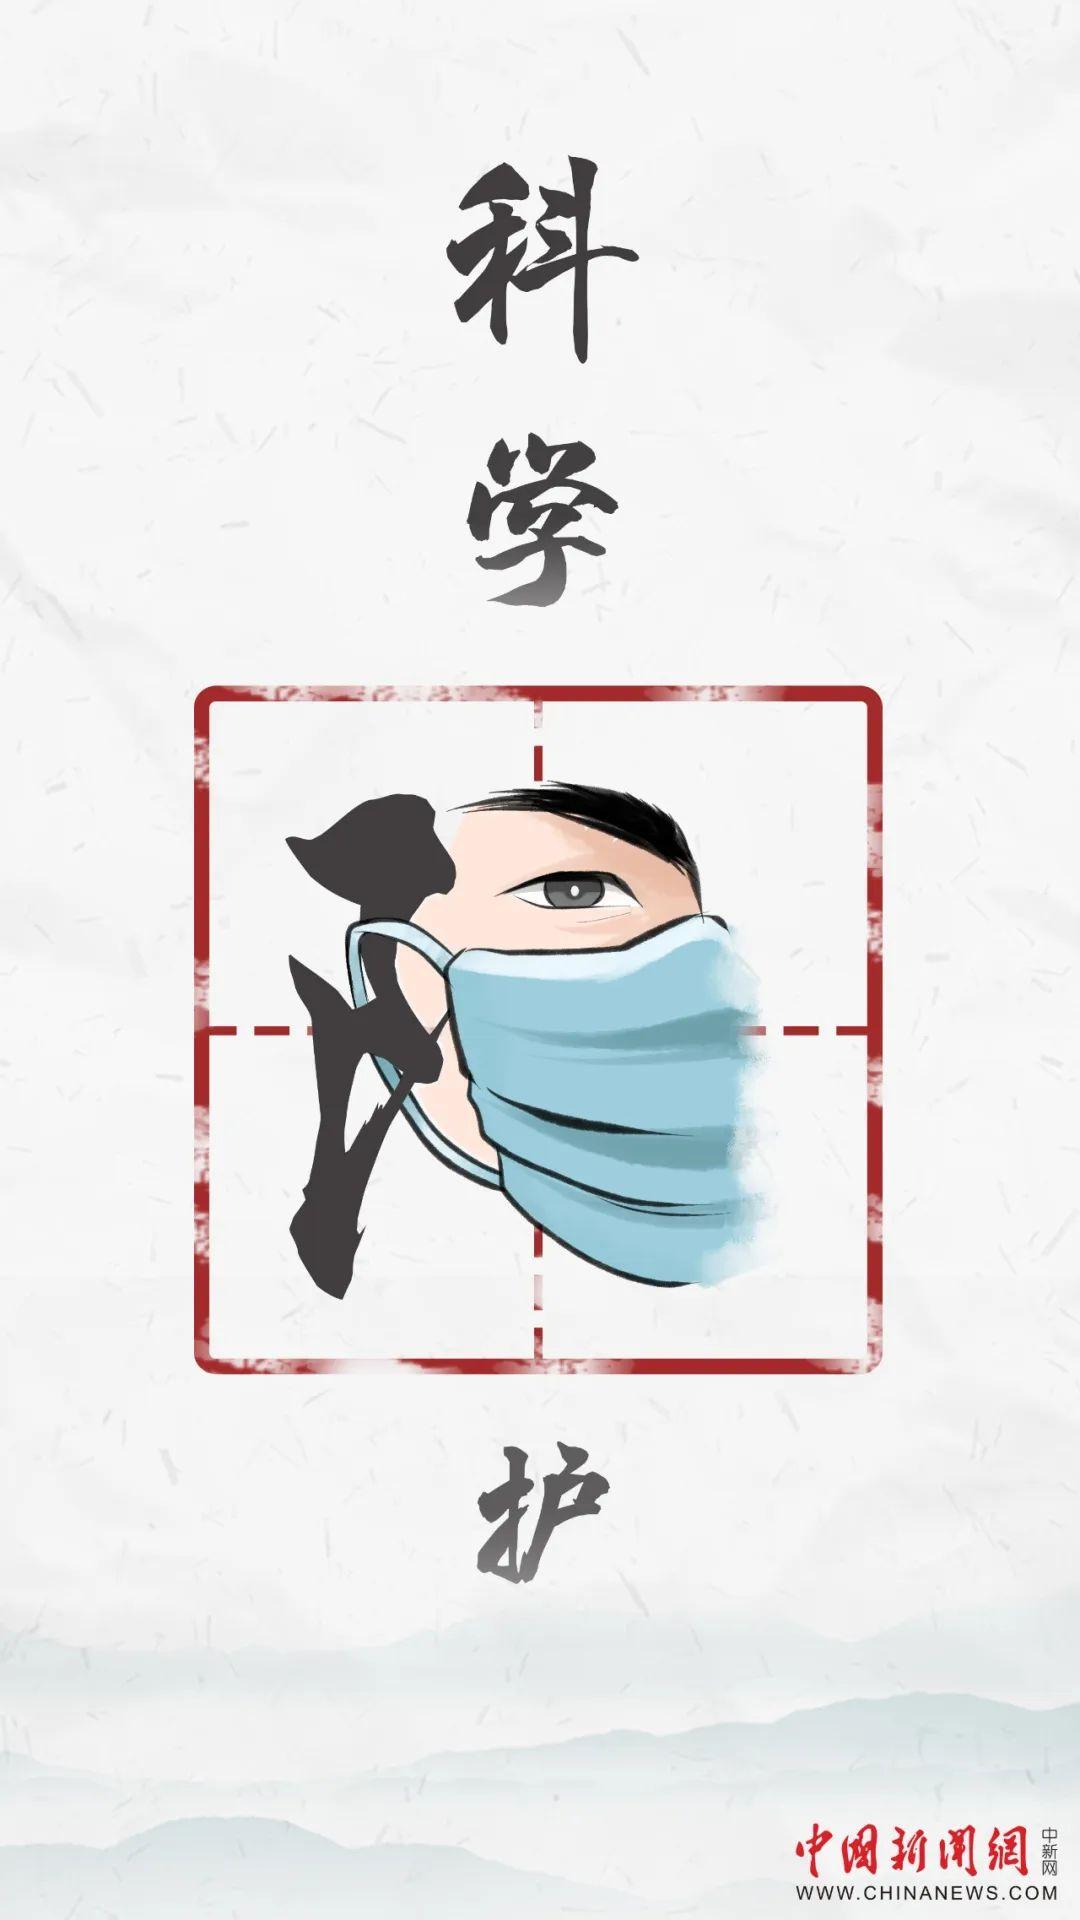 儿歌年大你想让妻润下燃后让我教你教育纪念京举京市局